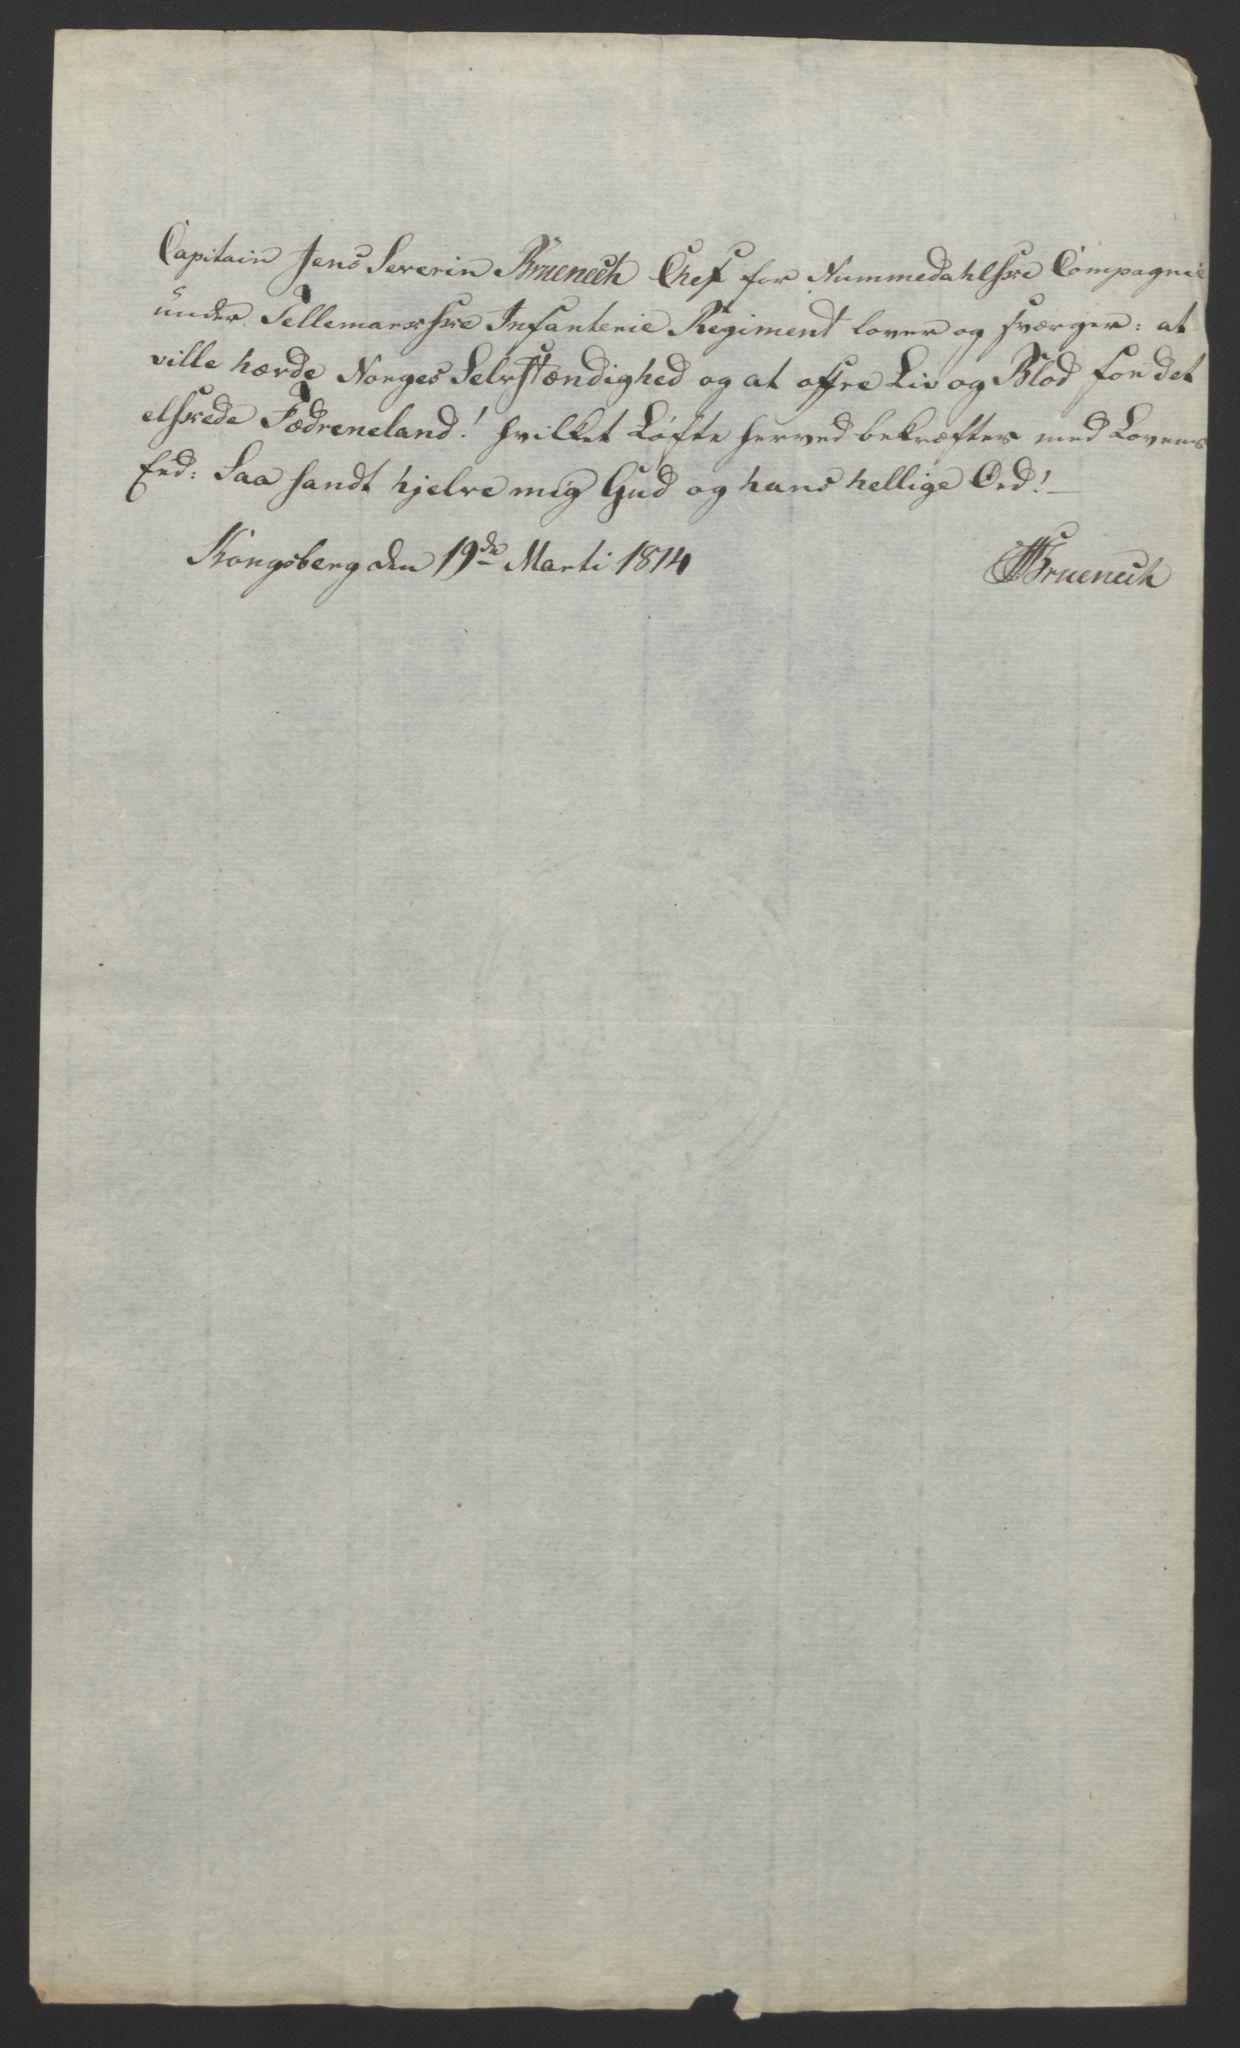 RA, Statsrådssekretariatet, D/Db/L0007: Fullmakter for Eidsvollsrepresentantene i 1814. , 1814, s. 96